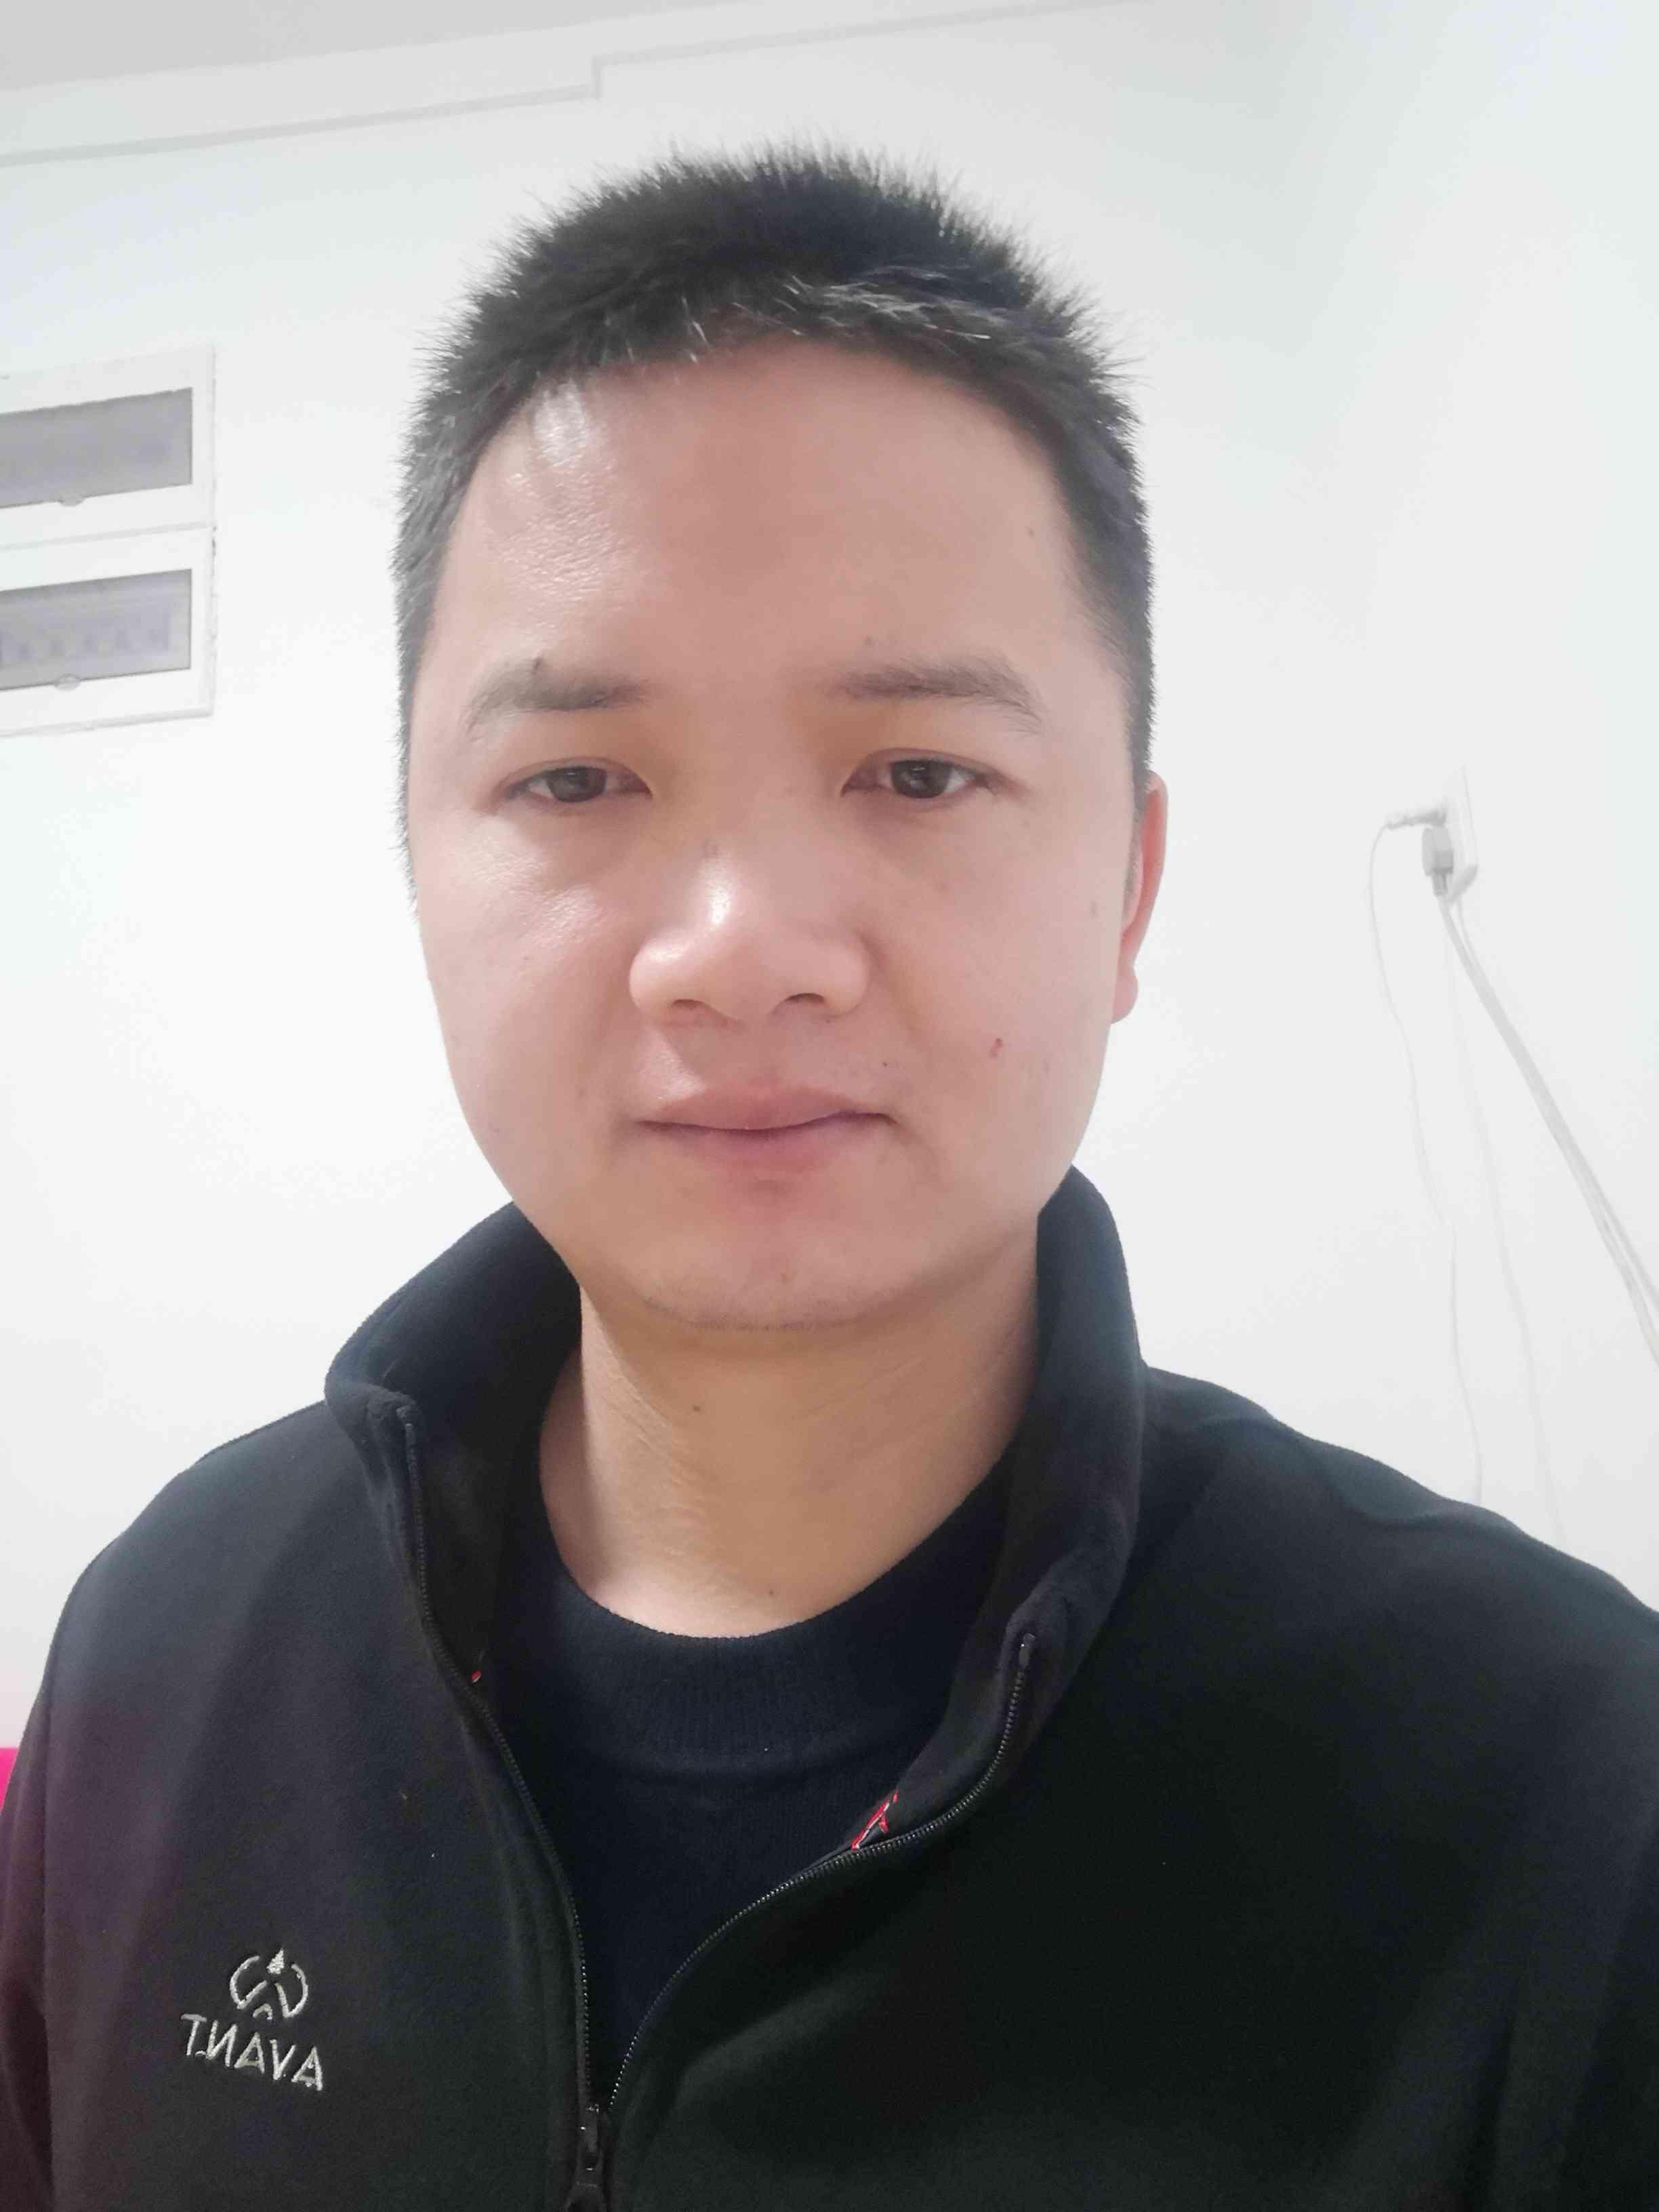 浙江杭州西湖区五月的天蓝